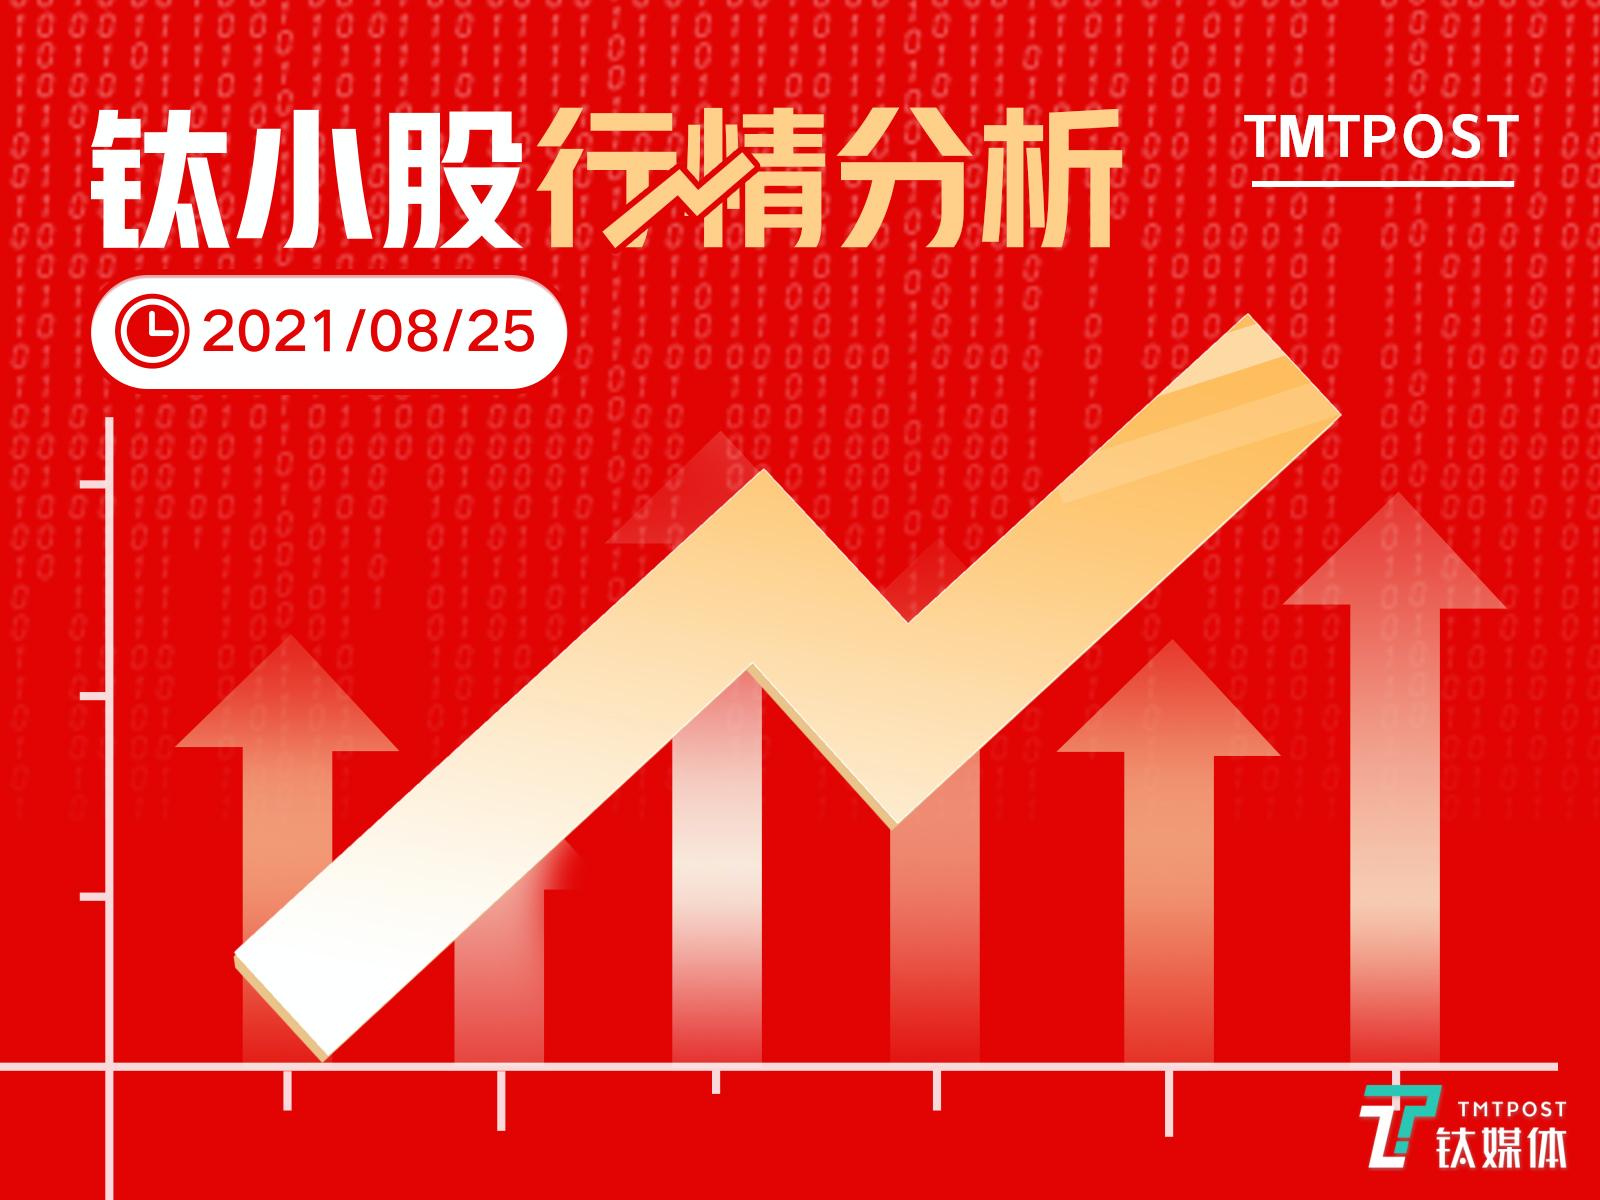 8月25日A股分析:沪指震荡走高涨0.74%,光伏产业链上演涨停潮